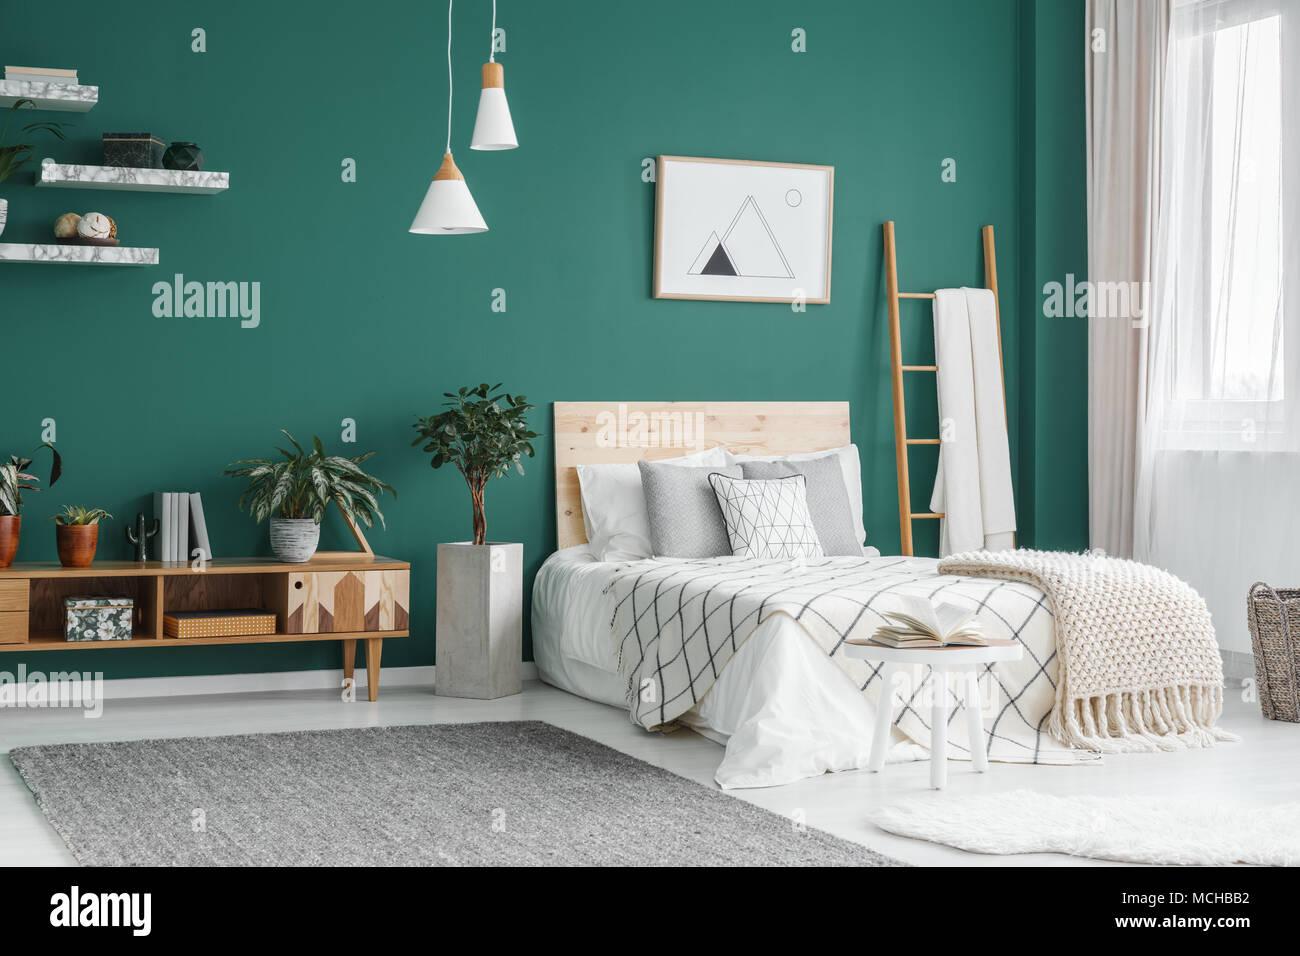 Bett Zwischen Leiter Und Anlage In Grun Boho Schlafzimmer